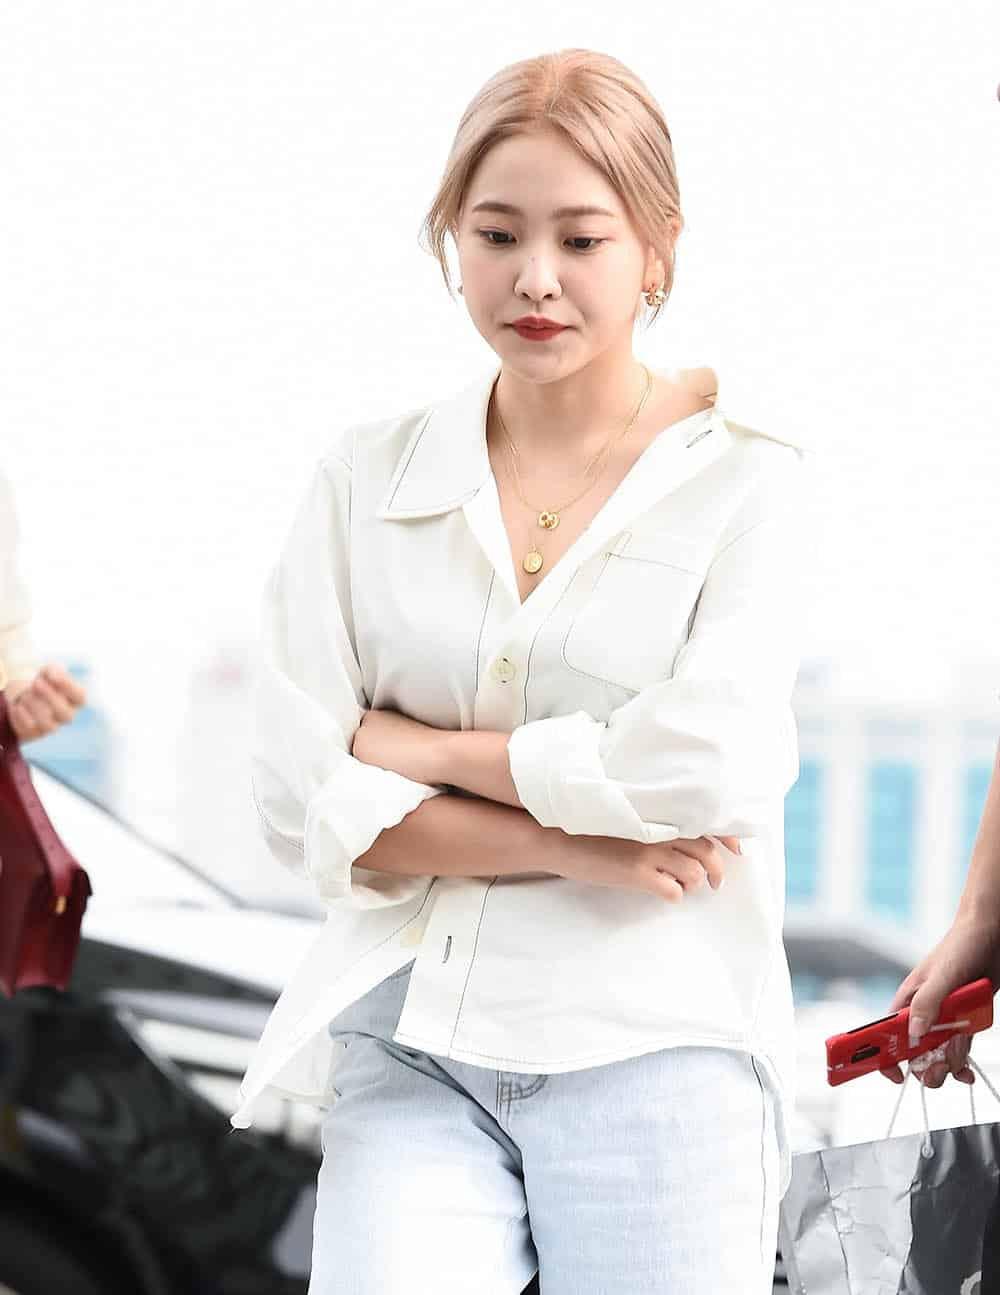 레드벨벳 예리 언발란스 셔츠 패션